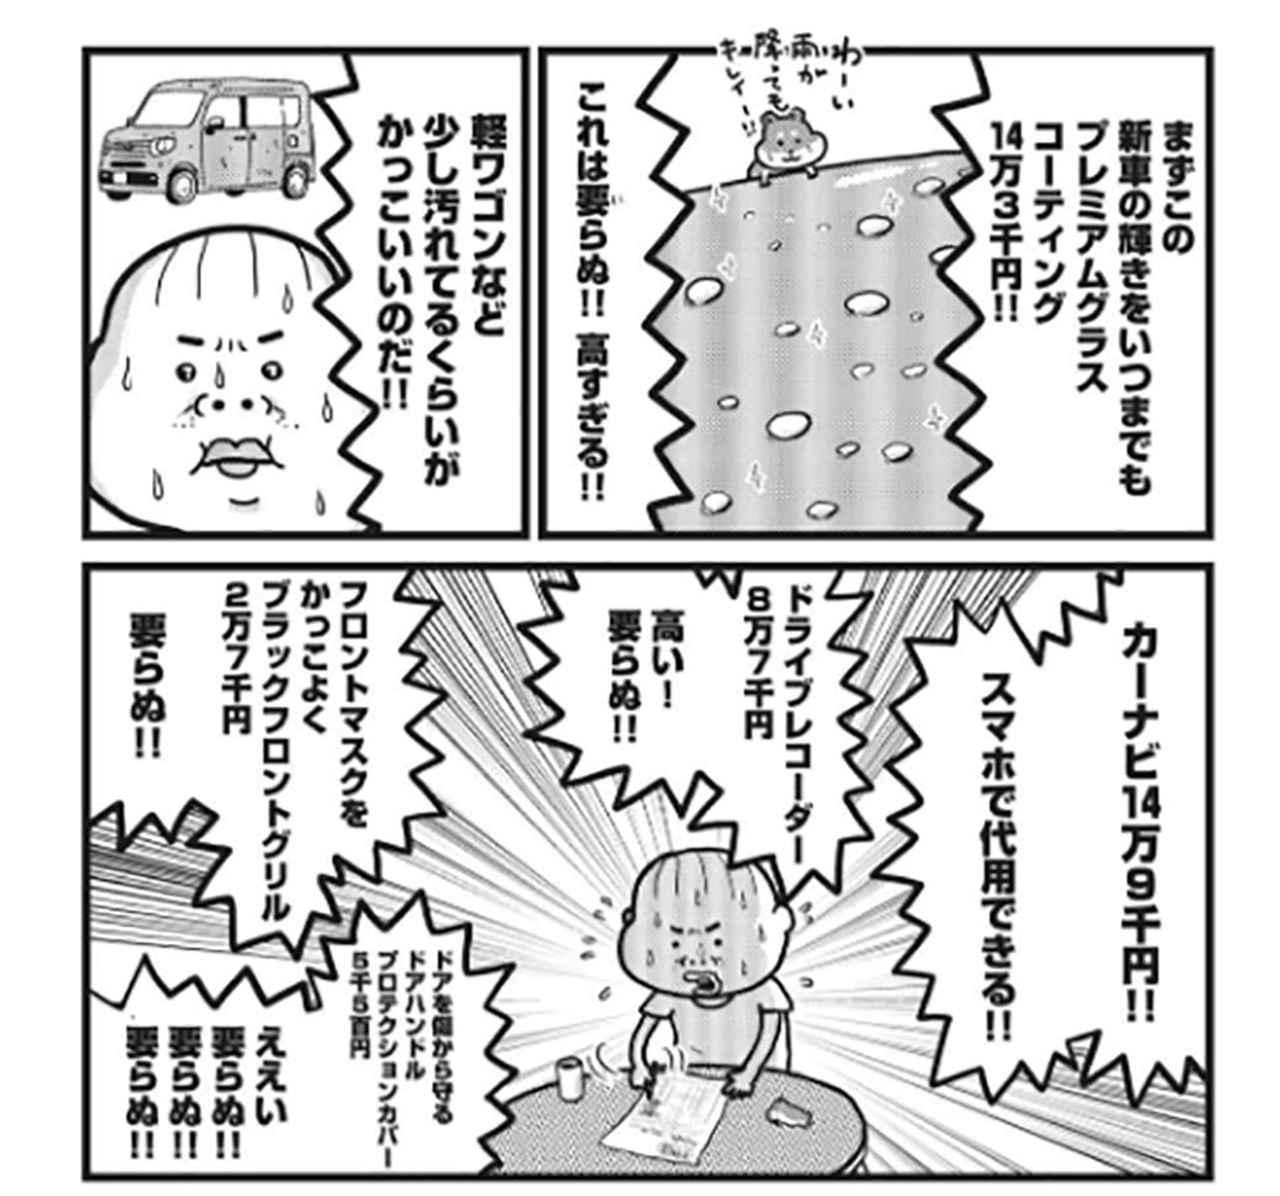 画像4: 小田原ドラゴン先生の愛車・N-VANの車中泊装備は!?